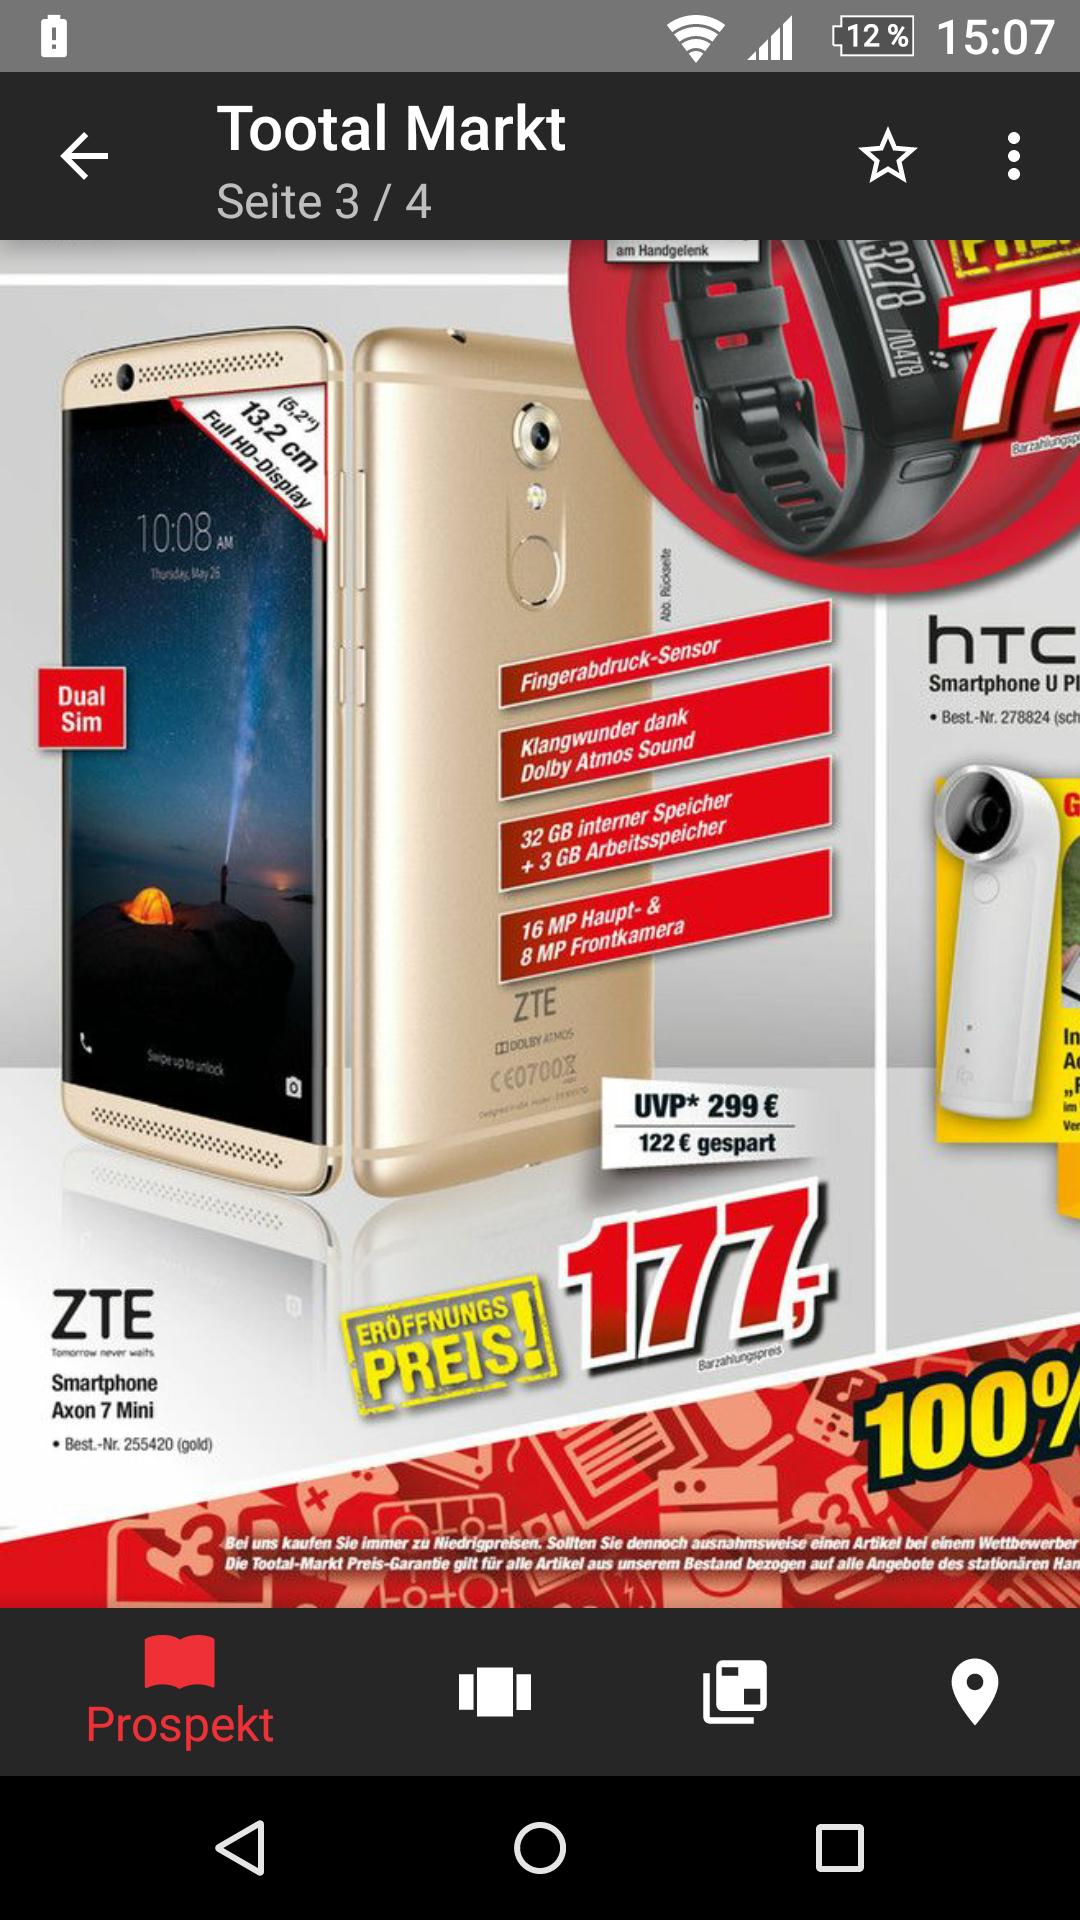 Lokal  TootalMarkt Vechta Neueröffnung Angebot Bestpreis!ZTE Axon 7 Mini 32 GB Gold!